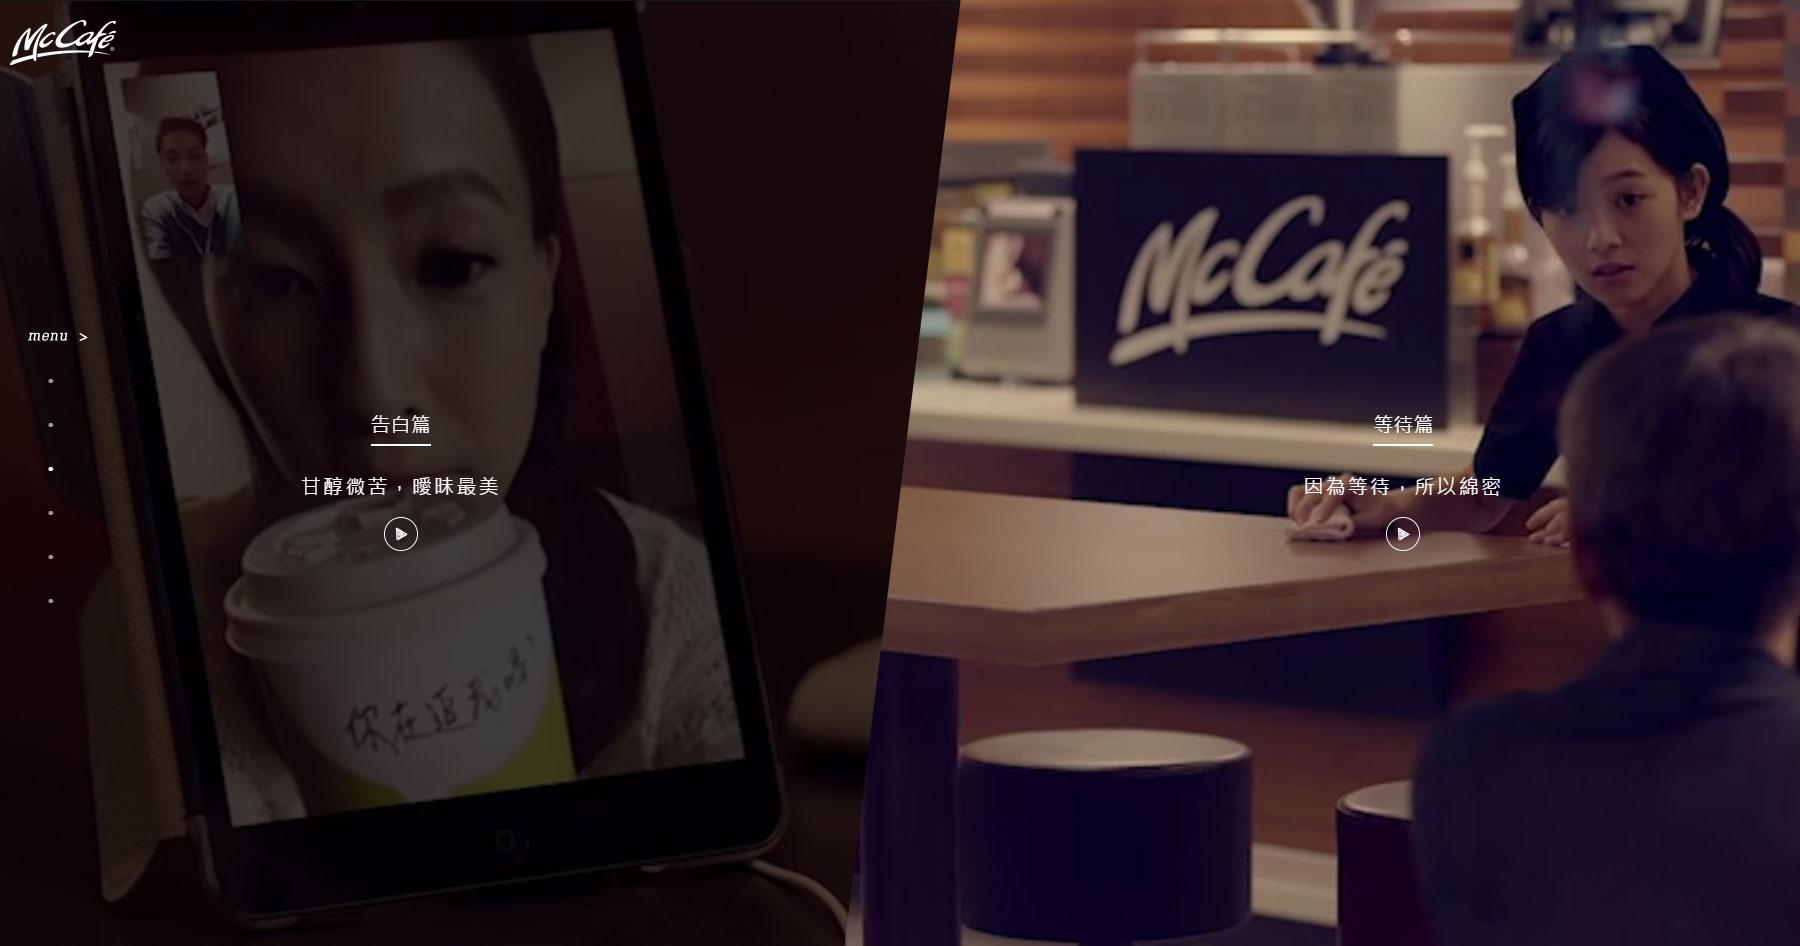 McDonald's Taiwan - McCafé  - Website of the Day